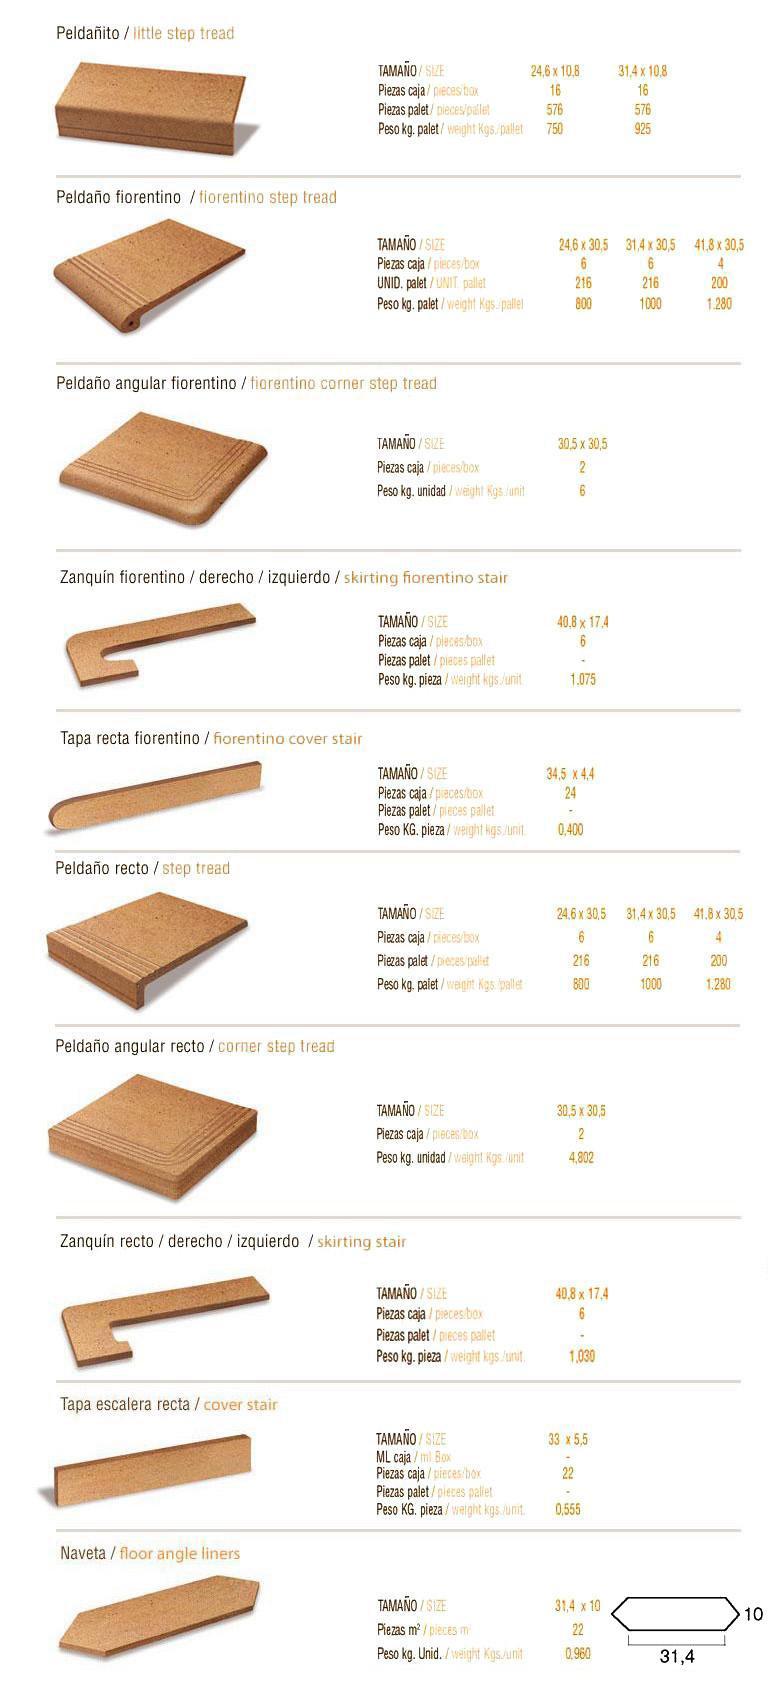 Materiales de construccion madrid - Ladrillo refractario medidas ...